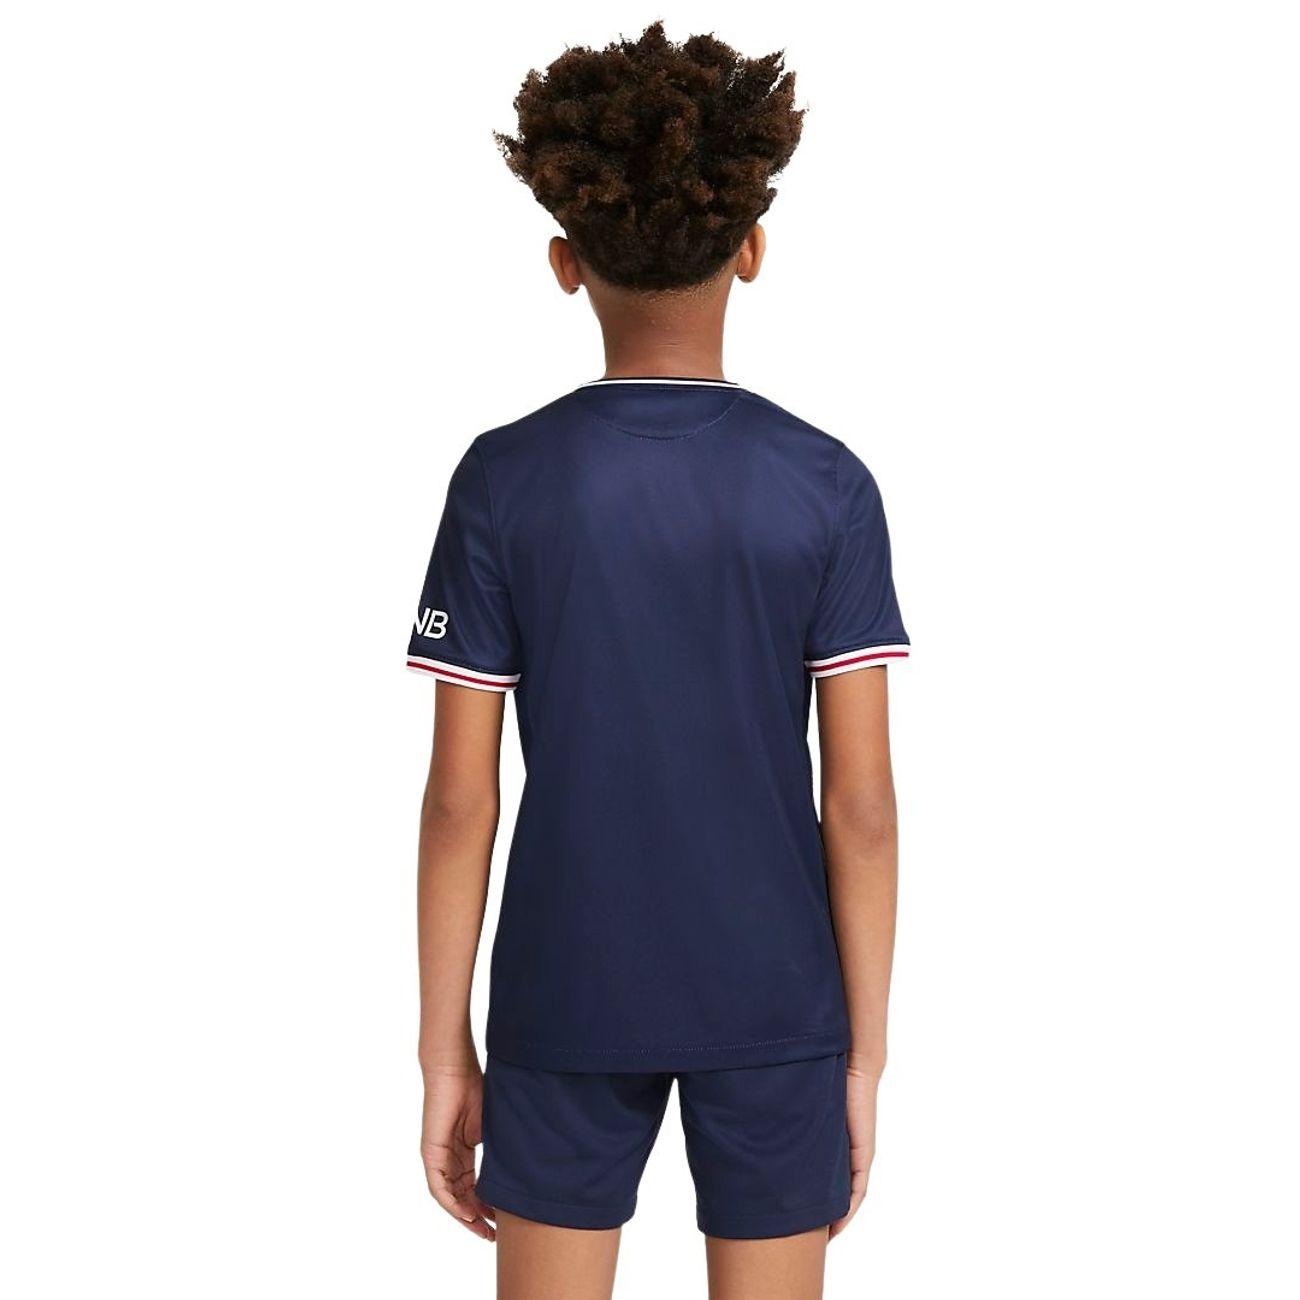 Football enfant NIKE Maillot domicile enfant PSG 2020/2021